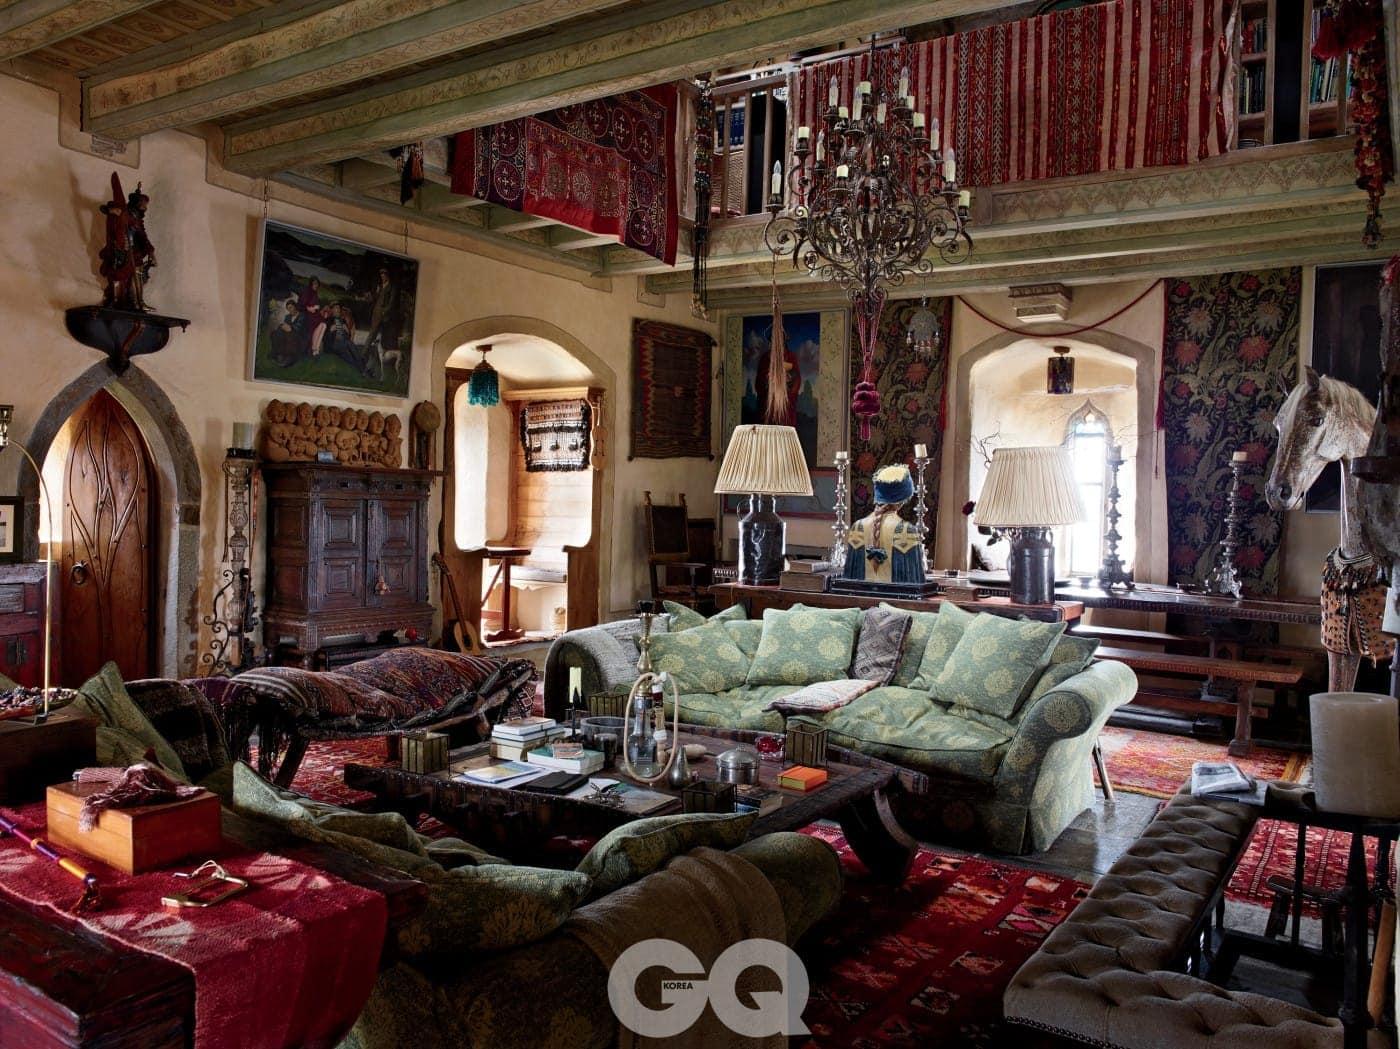 세상 속의 남자 킬코성의 주 생활 공간인 솔라에는 아이언스가 여행 중에 모은 예술품과 수집품들이 전시되어 있다.